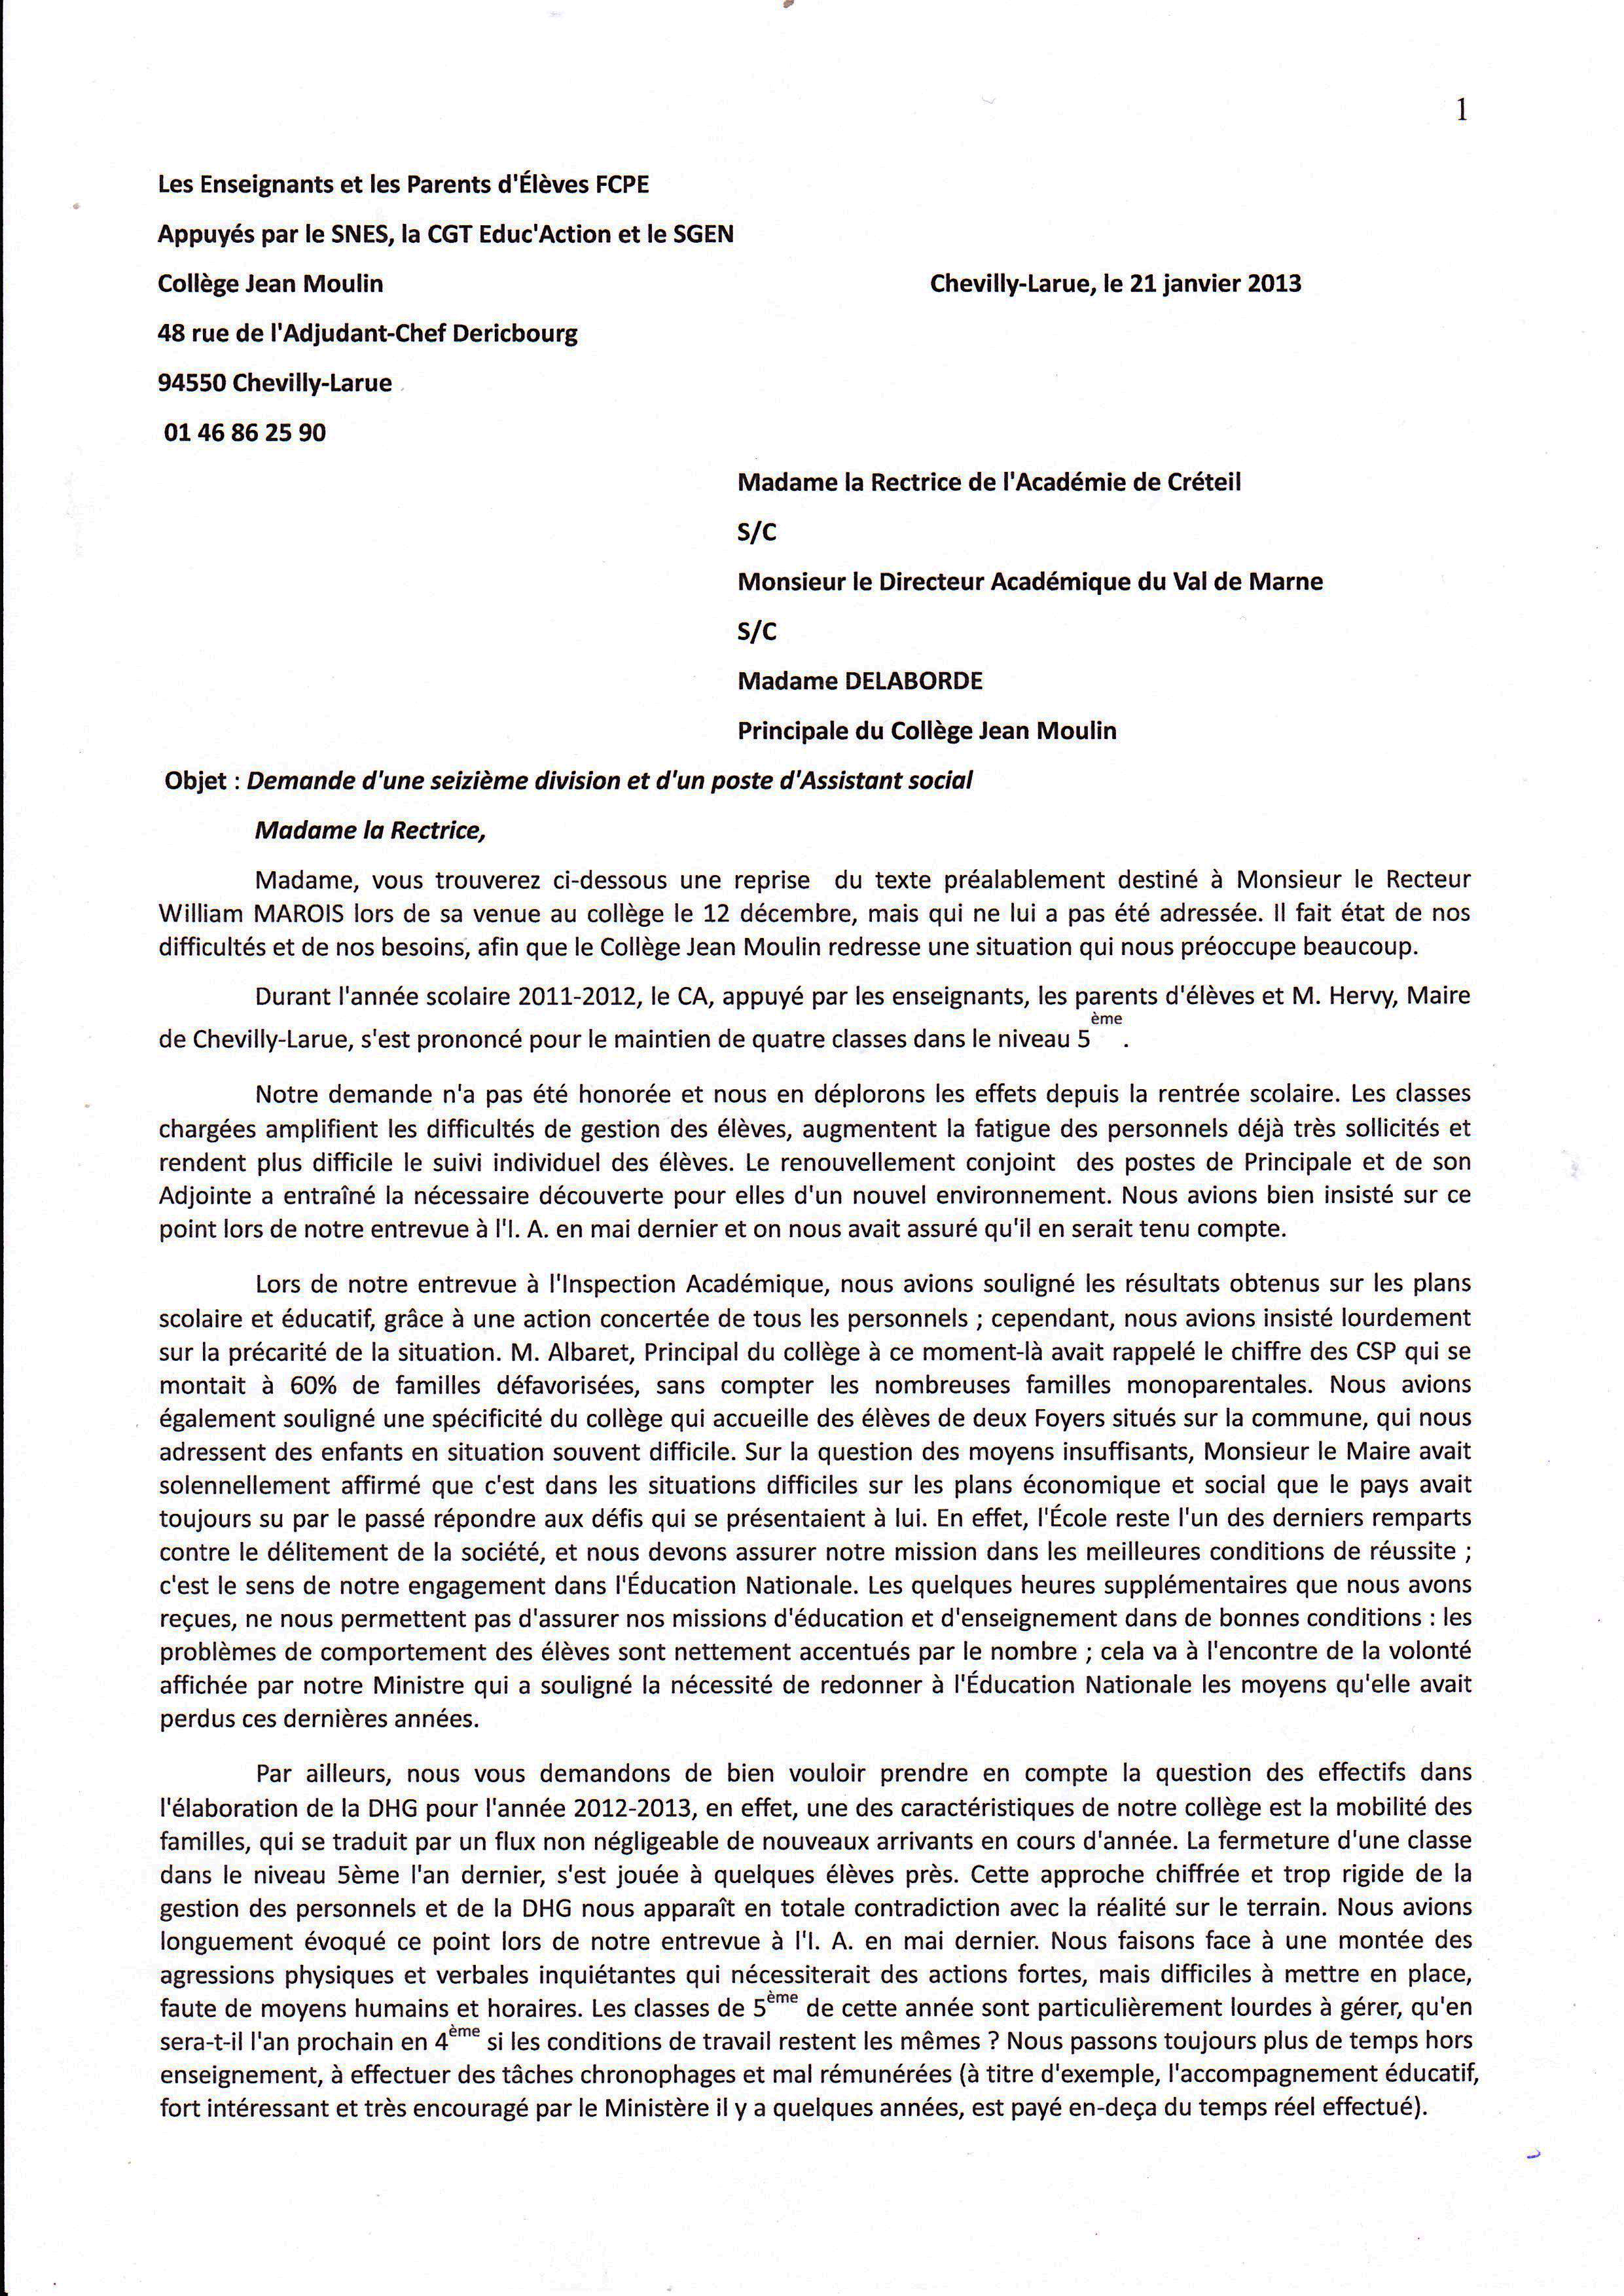 Modele Lettre Preavis De Greve Document Online